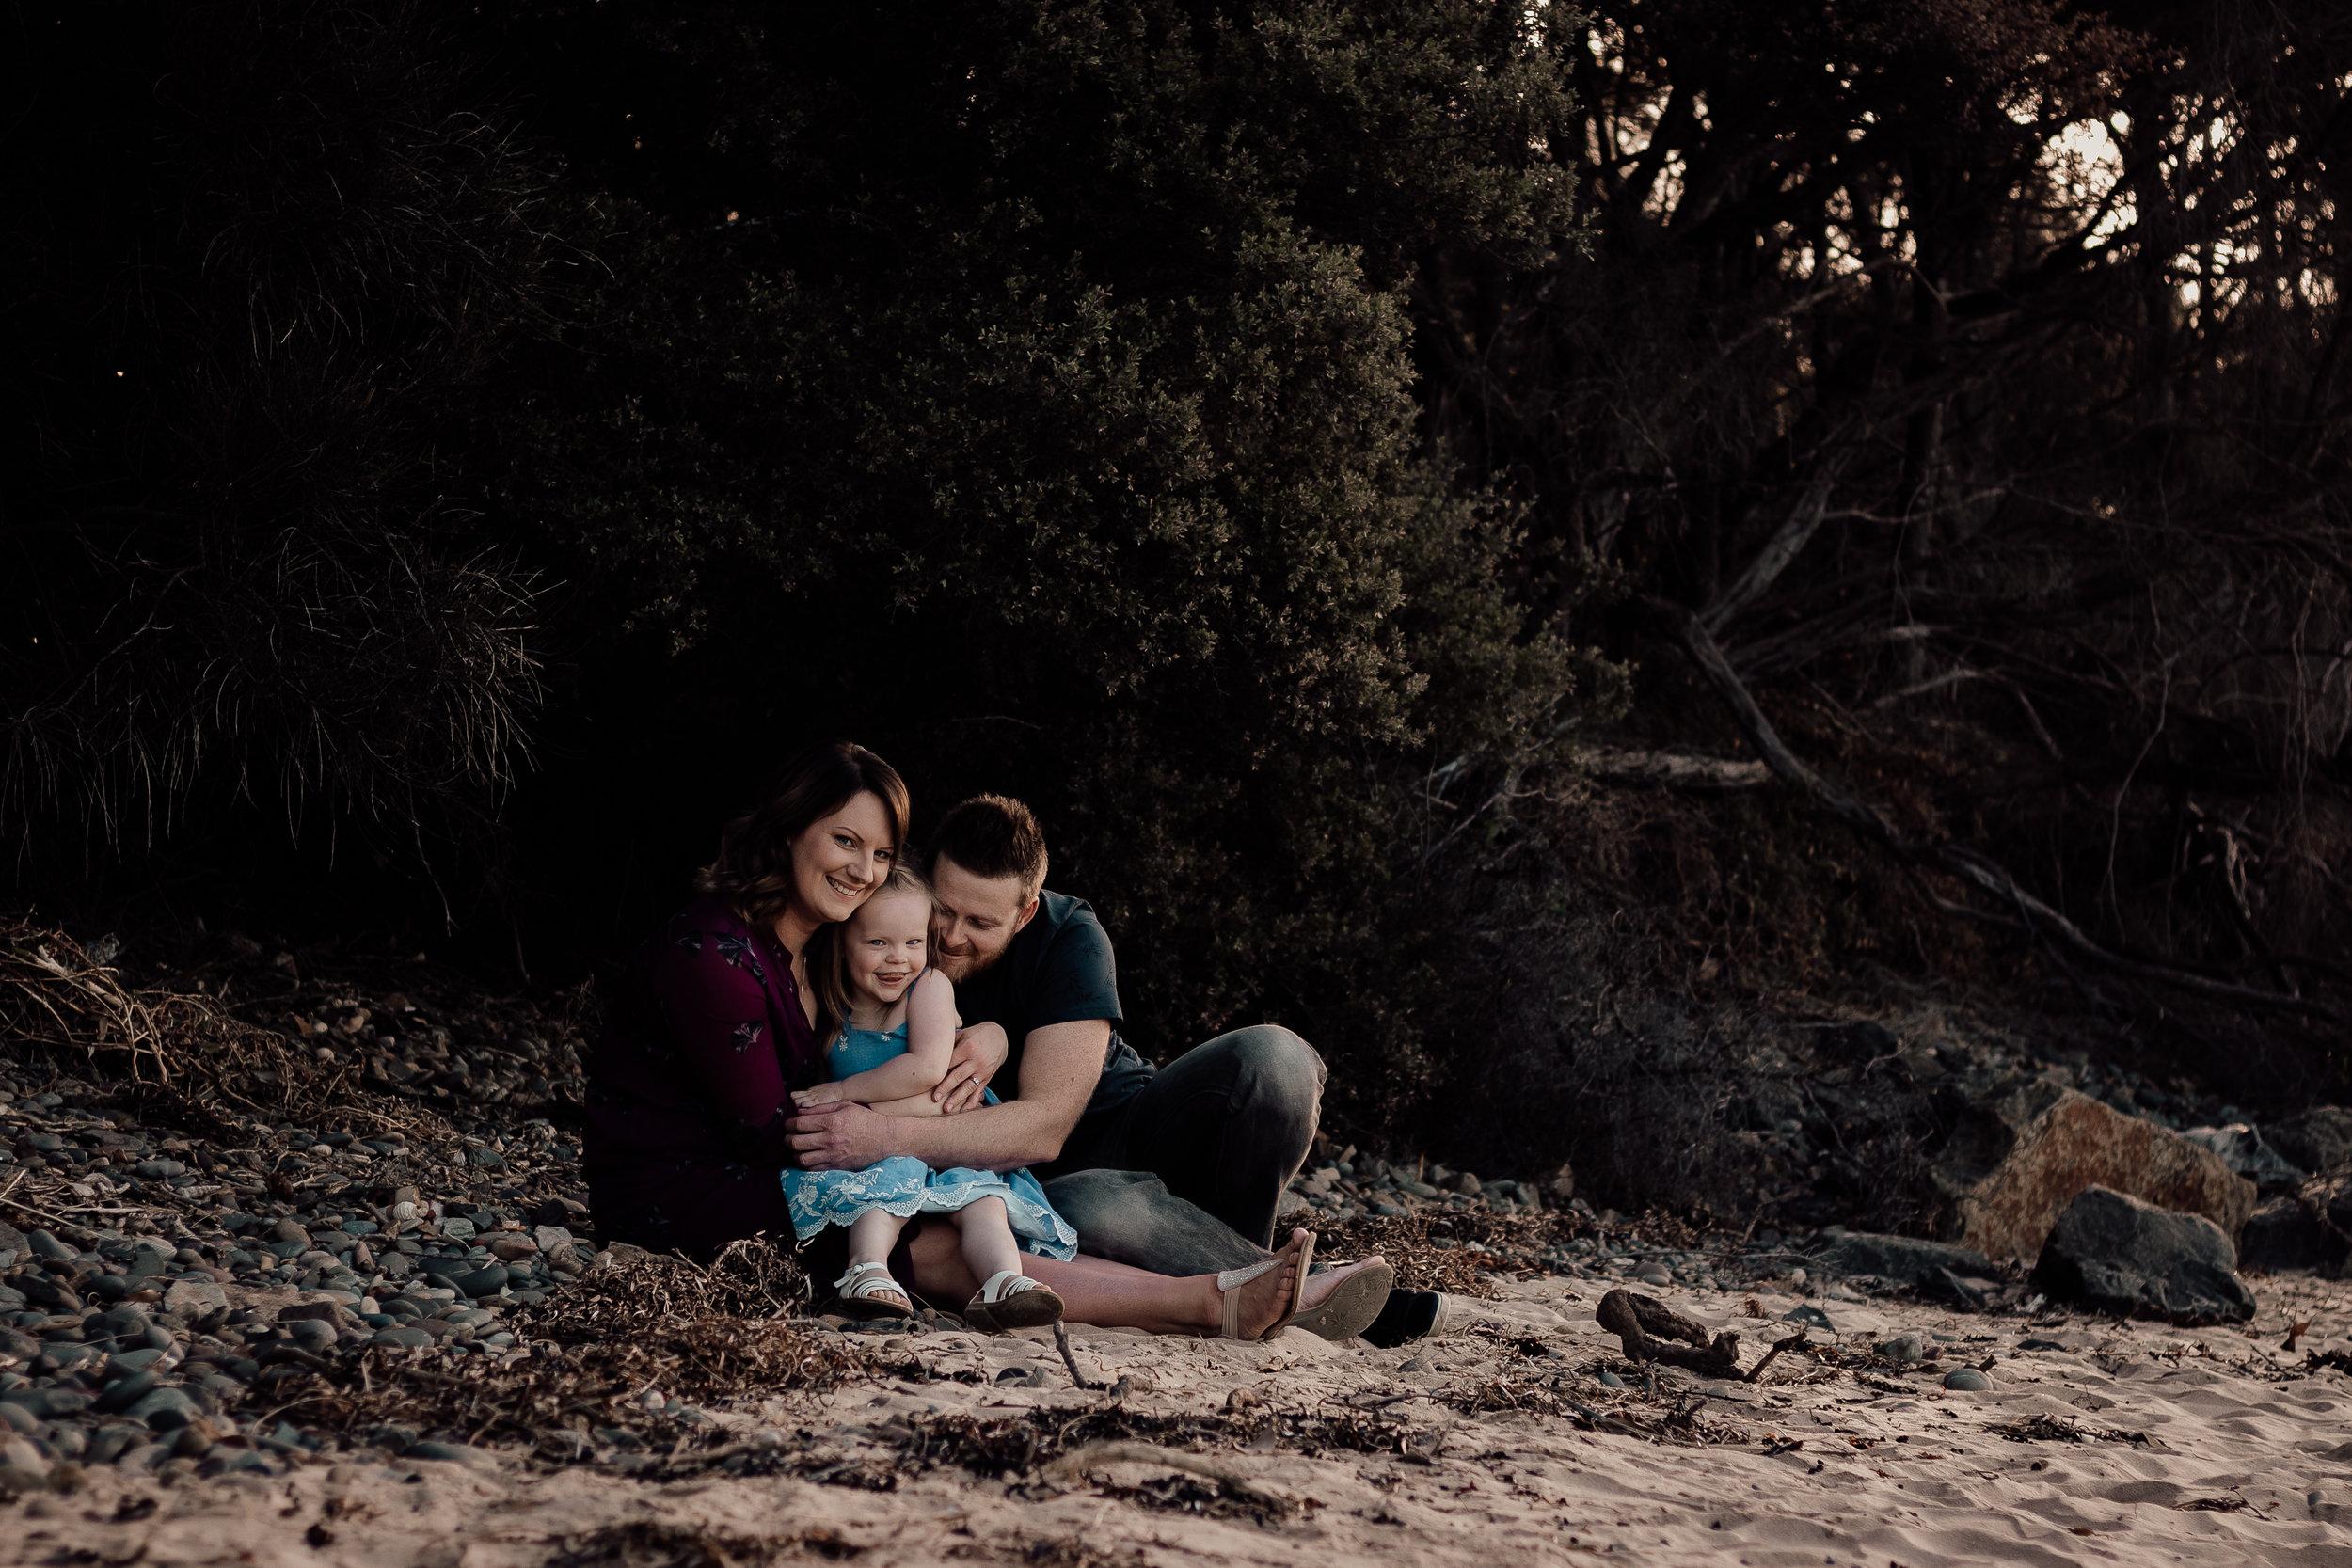 Anita, Drew + Elodie - Family Photo Session | Minnamurra River, NSW